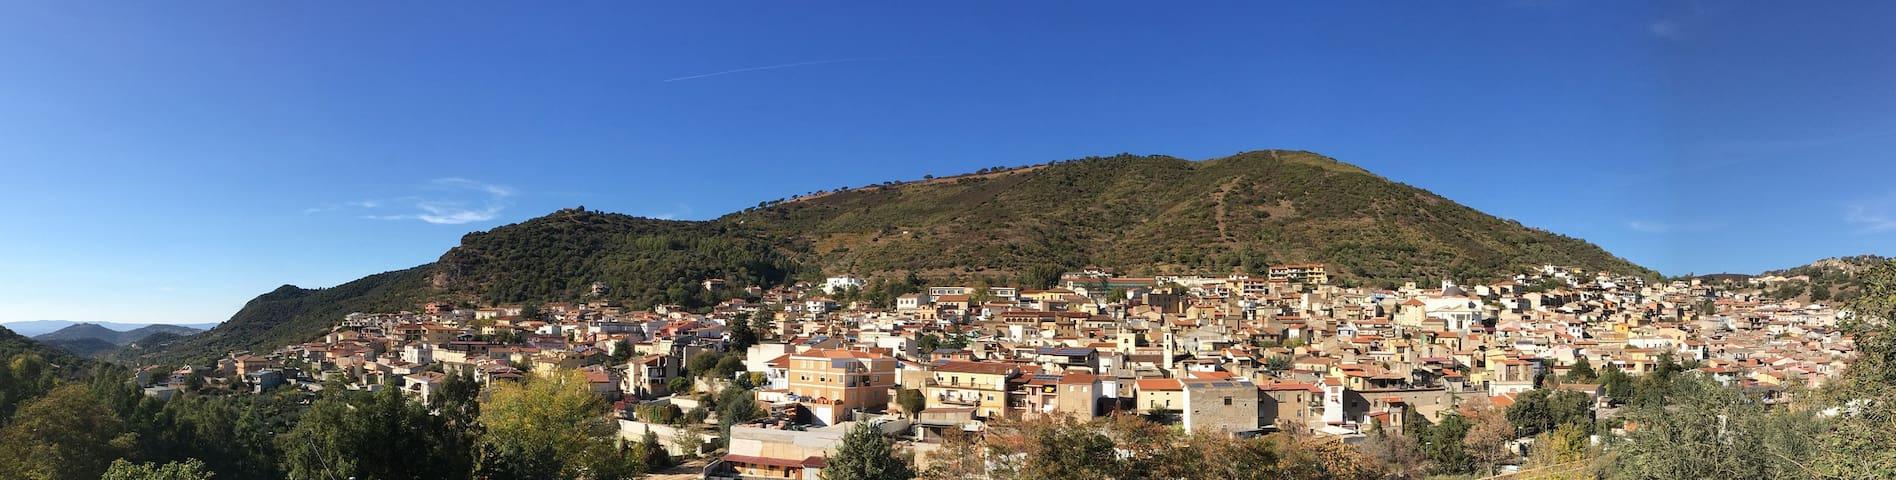 奥拉尼(Orani)的民宿